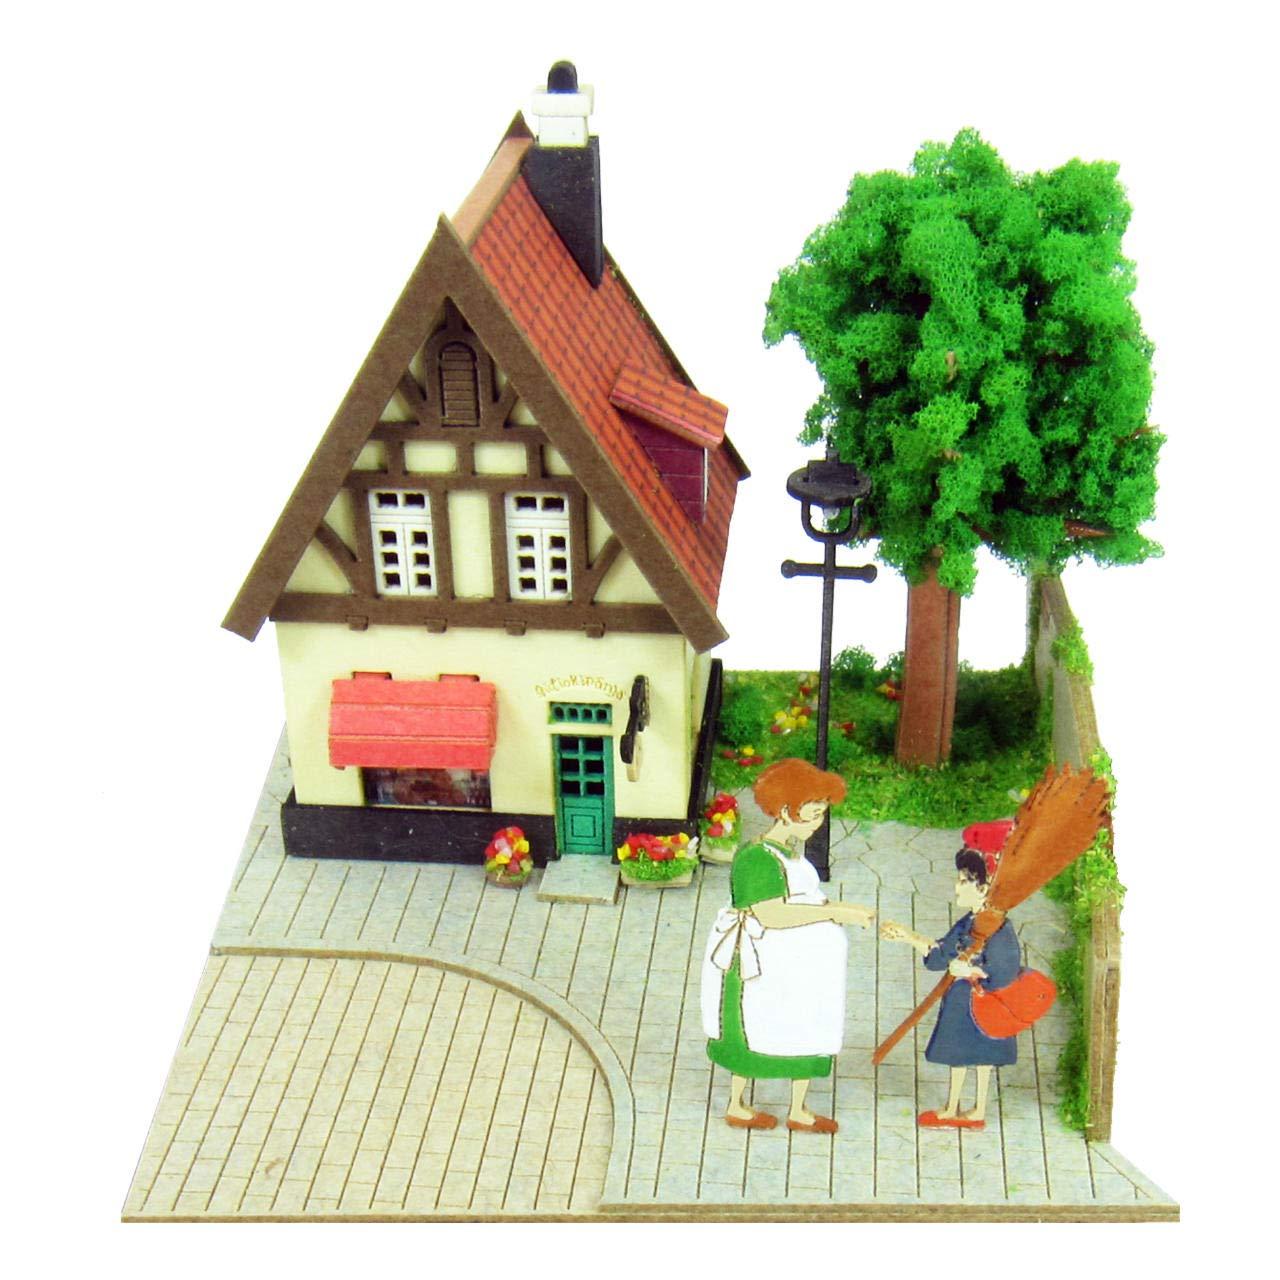 Kikis Delivery Service Ghibli Mini Studio Osono and Kiki Miniature Model Kit